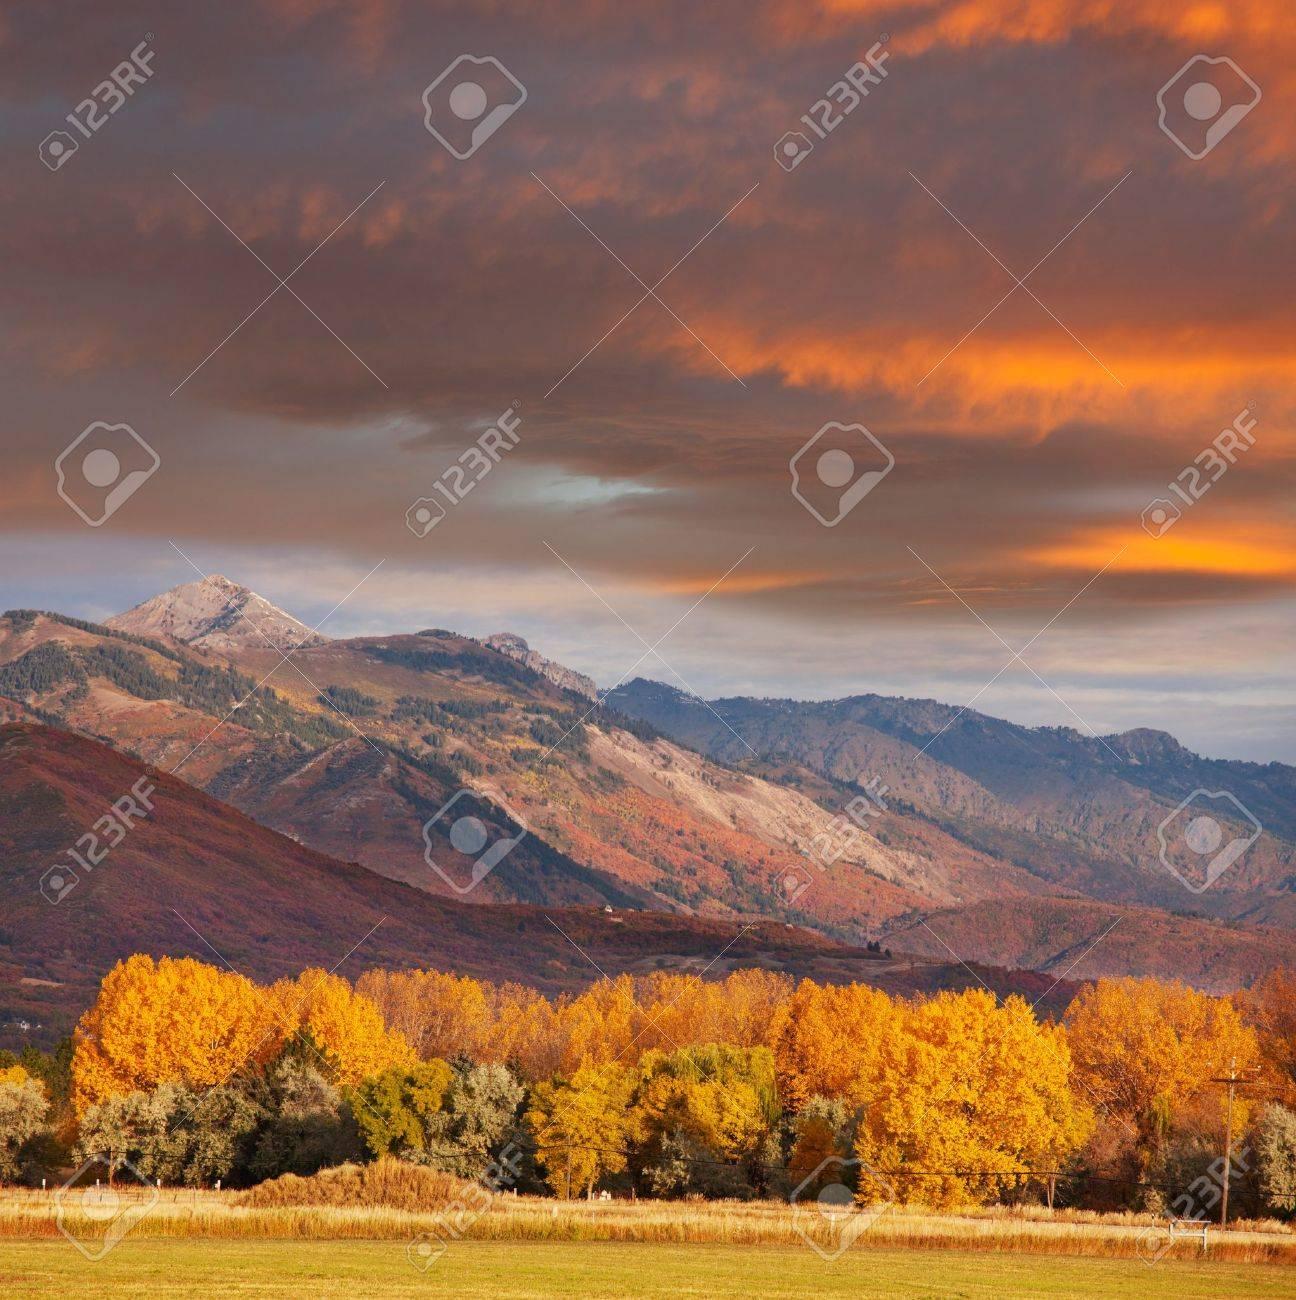 autumn scene Stock Photo - 11164715